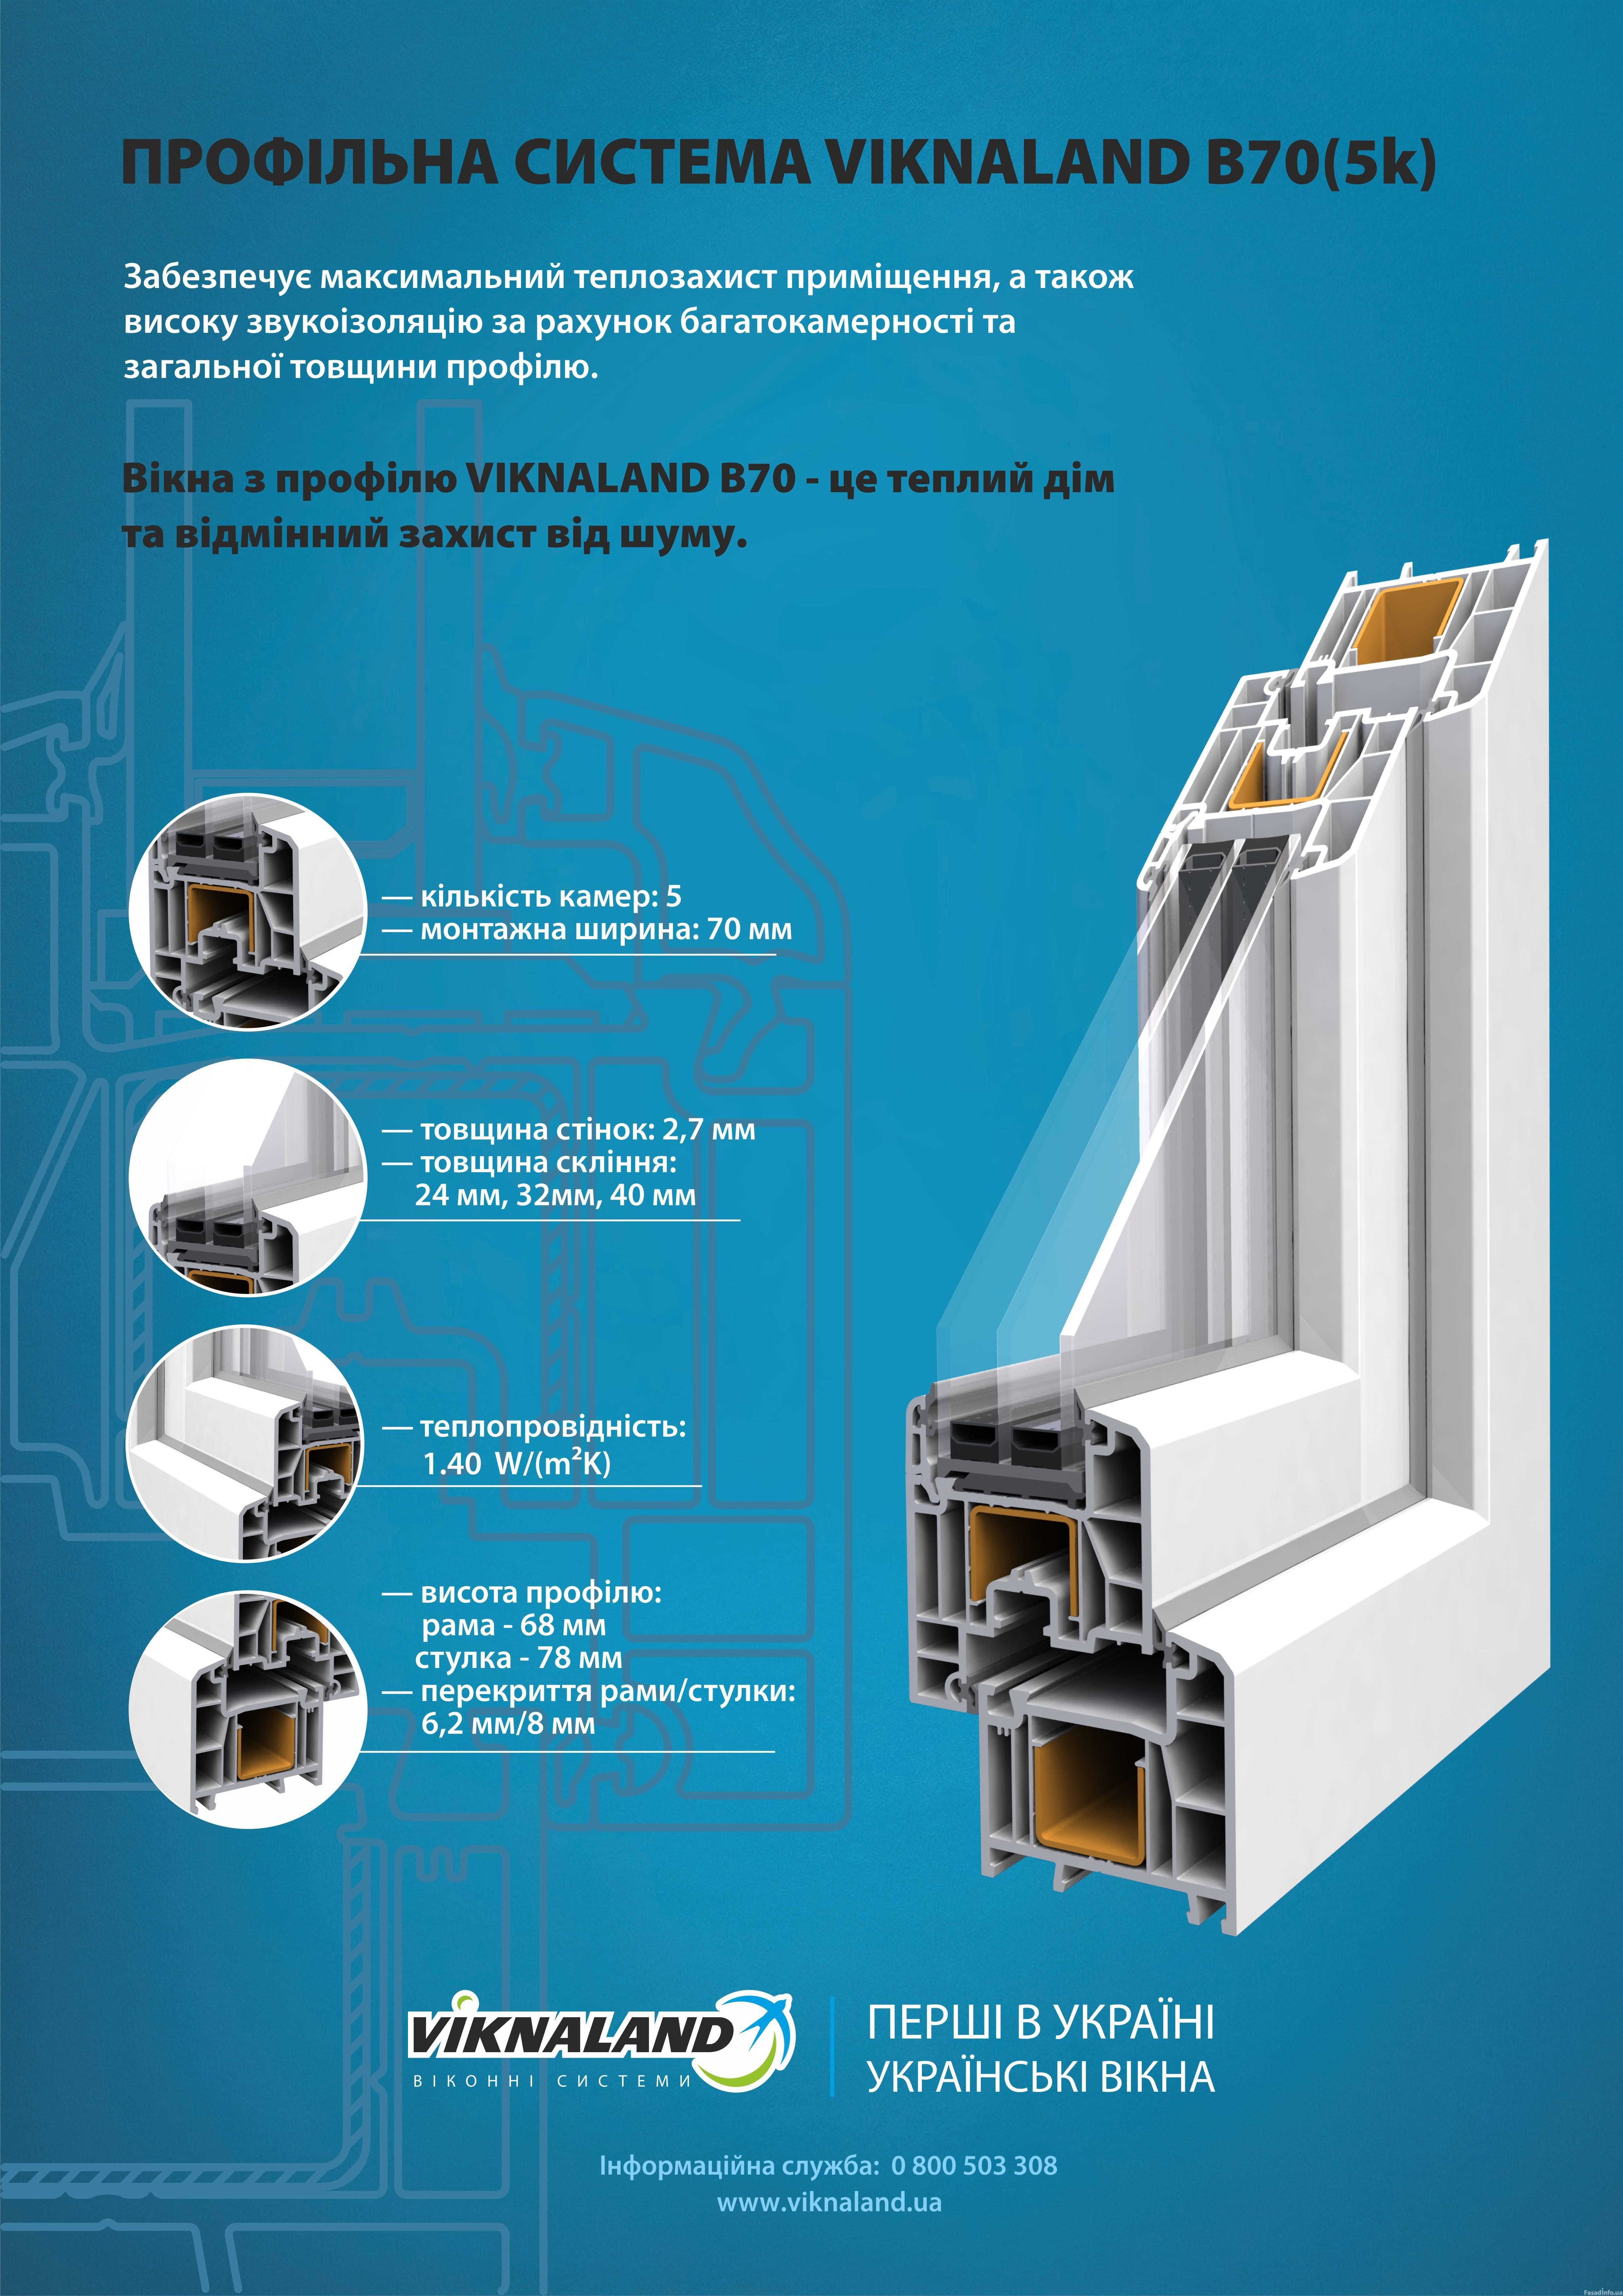 Технический плакат по системе Viknaland В70